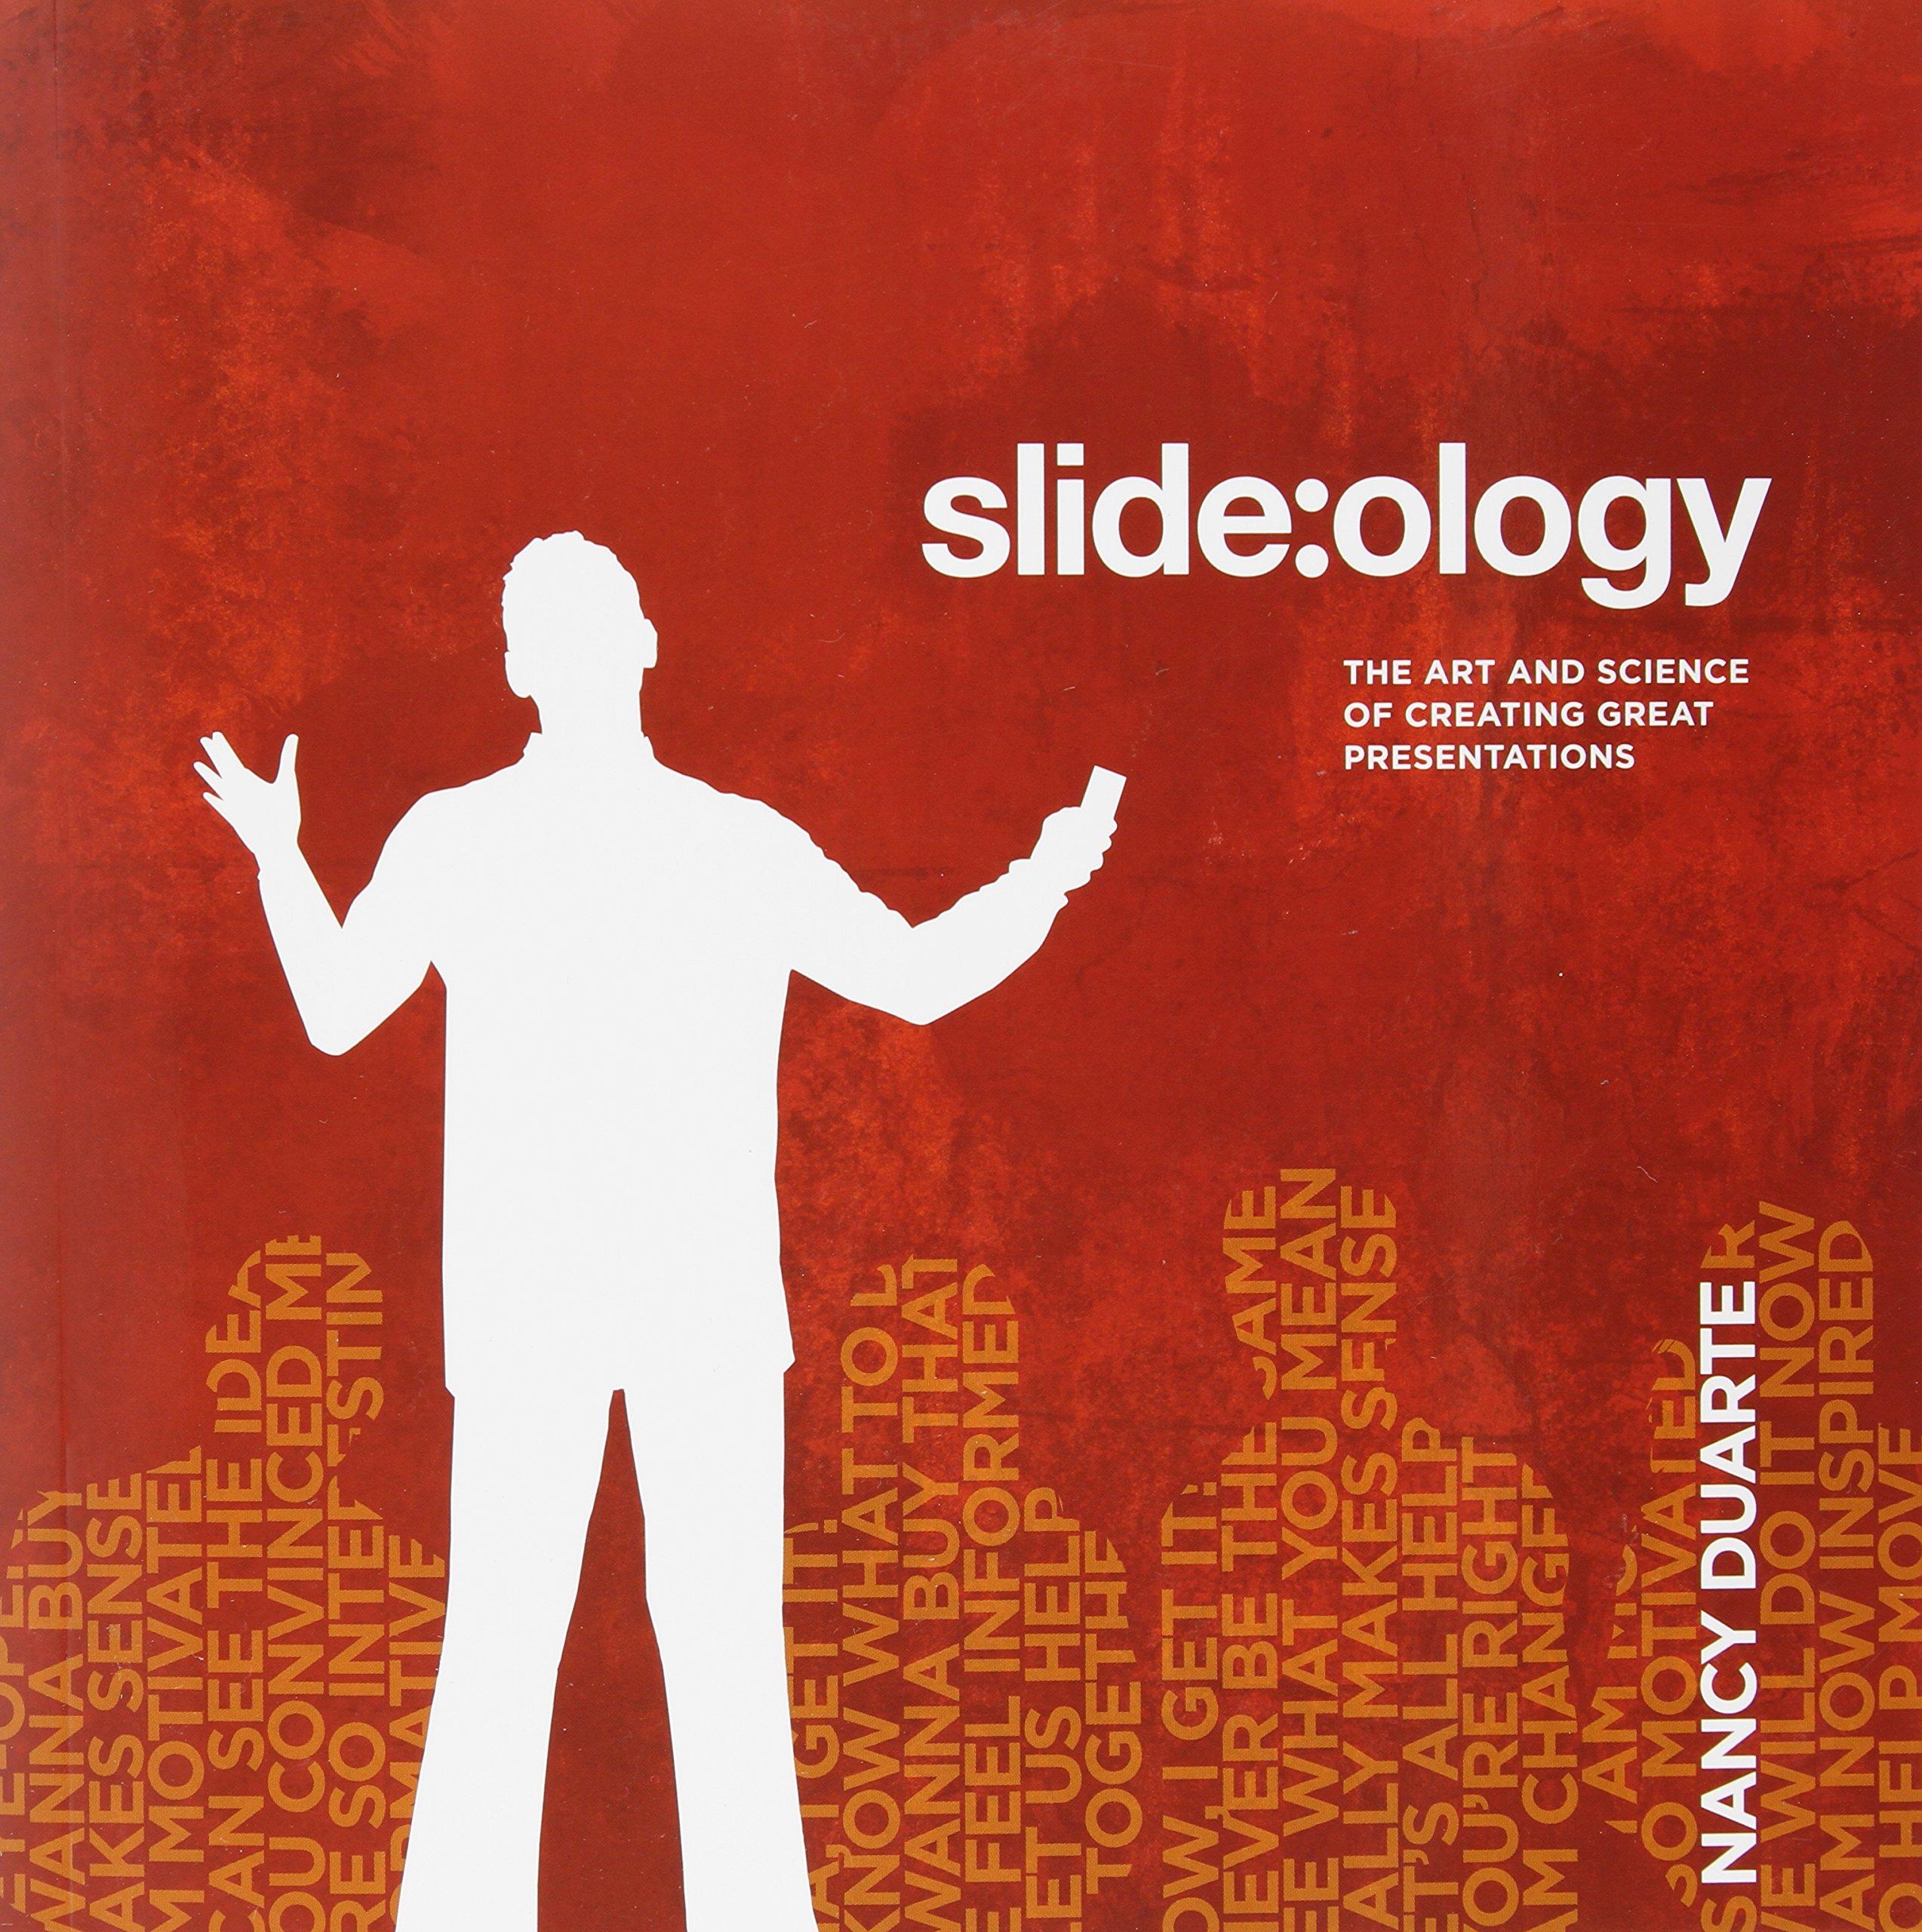 Slidedology